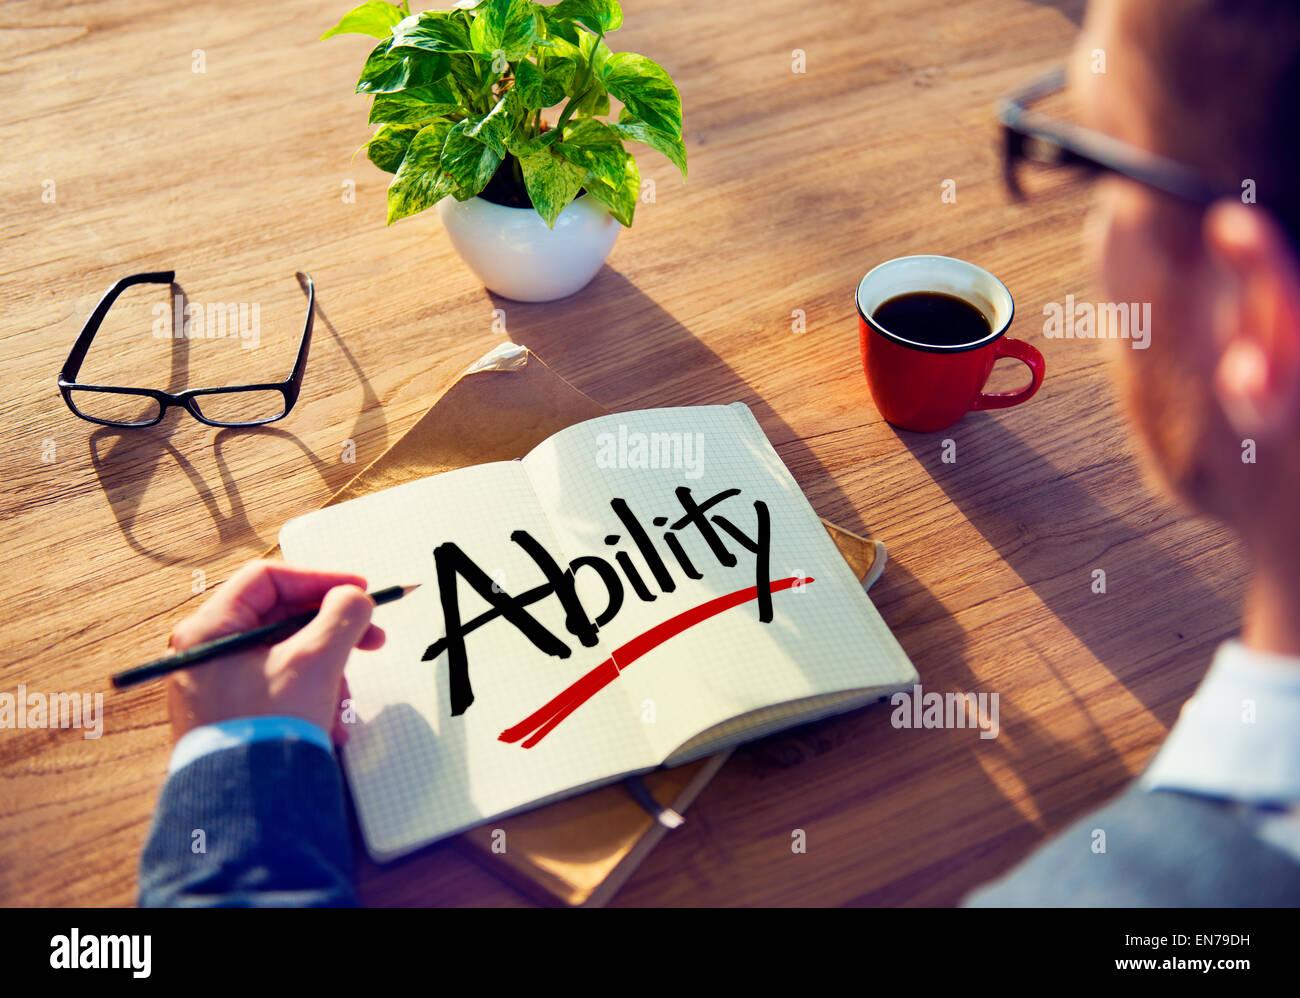 Empresario brainstorming sobre capacidad Imagen De Stock